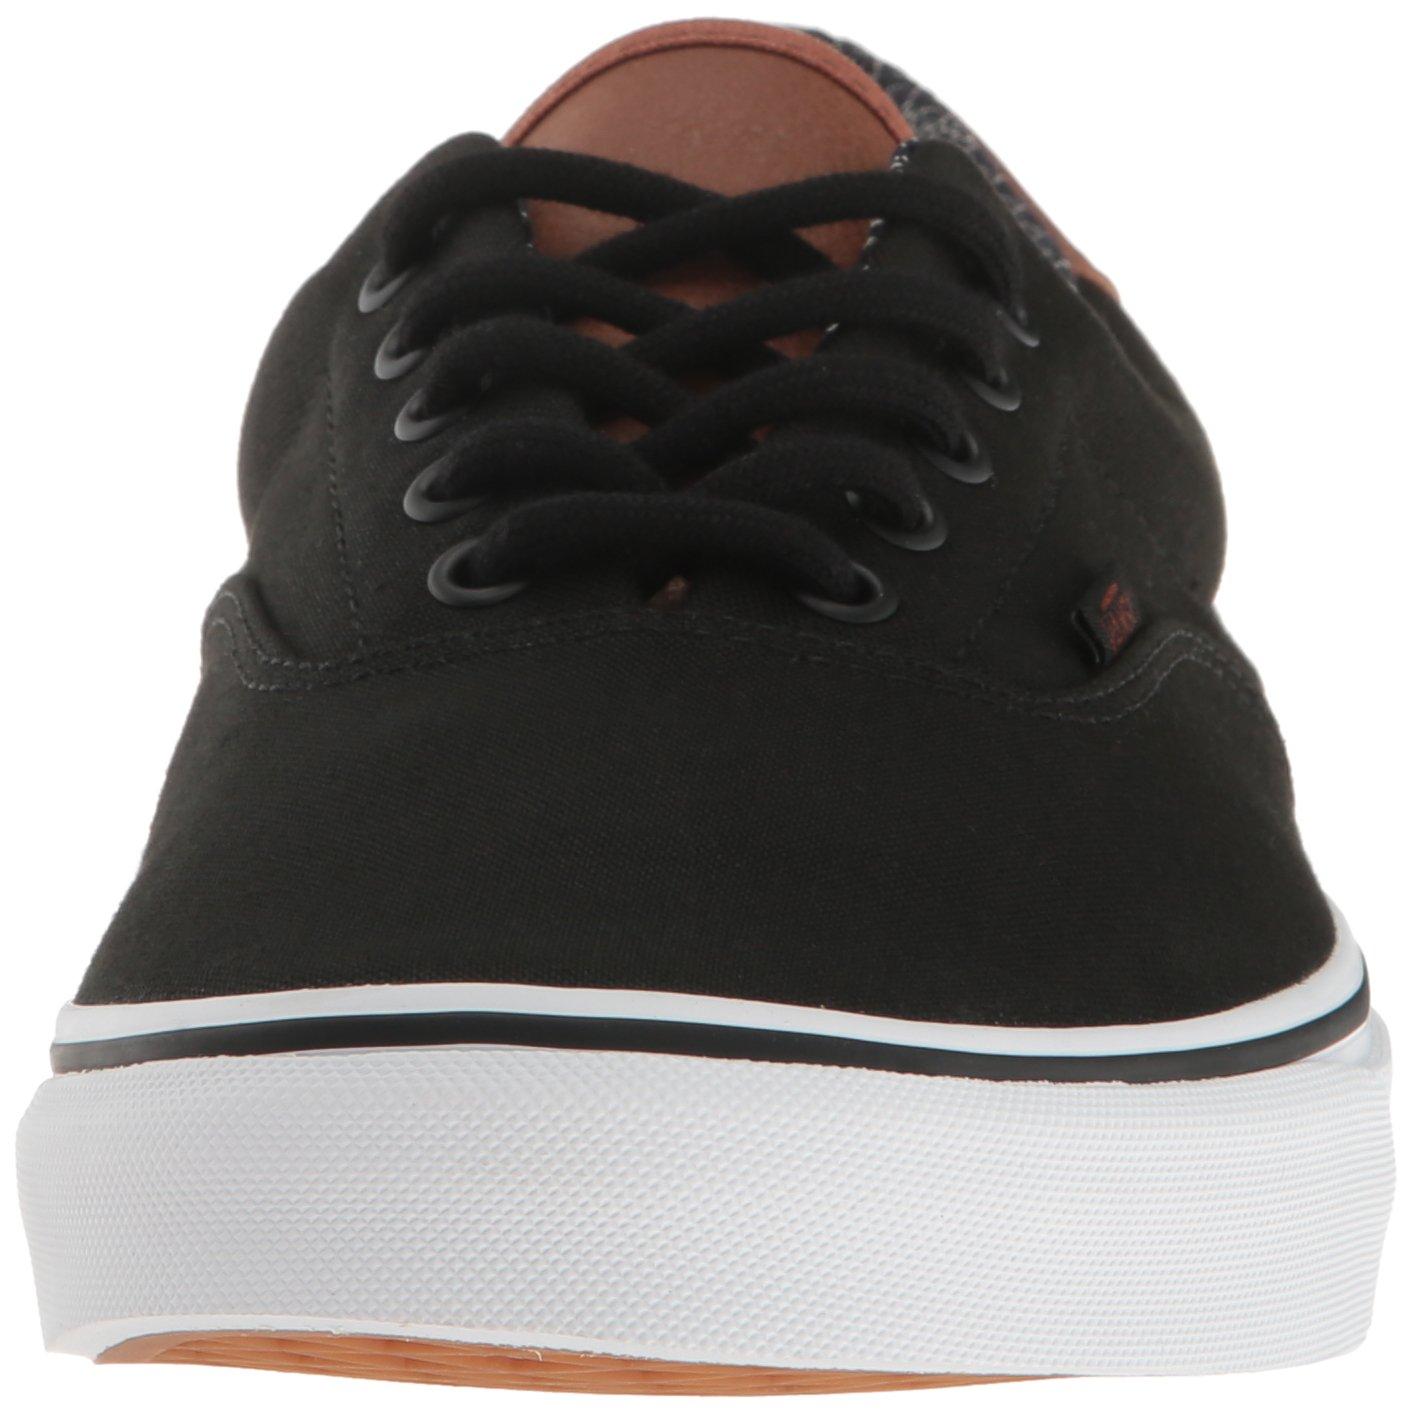 Vans Unisex B01I22Q7PY Era 59 Skate Shoes B01I22Q7PY Unisex 9 D(M) US|Black / Material Mix 55e46a